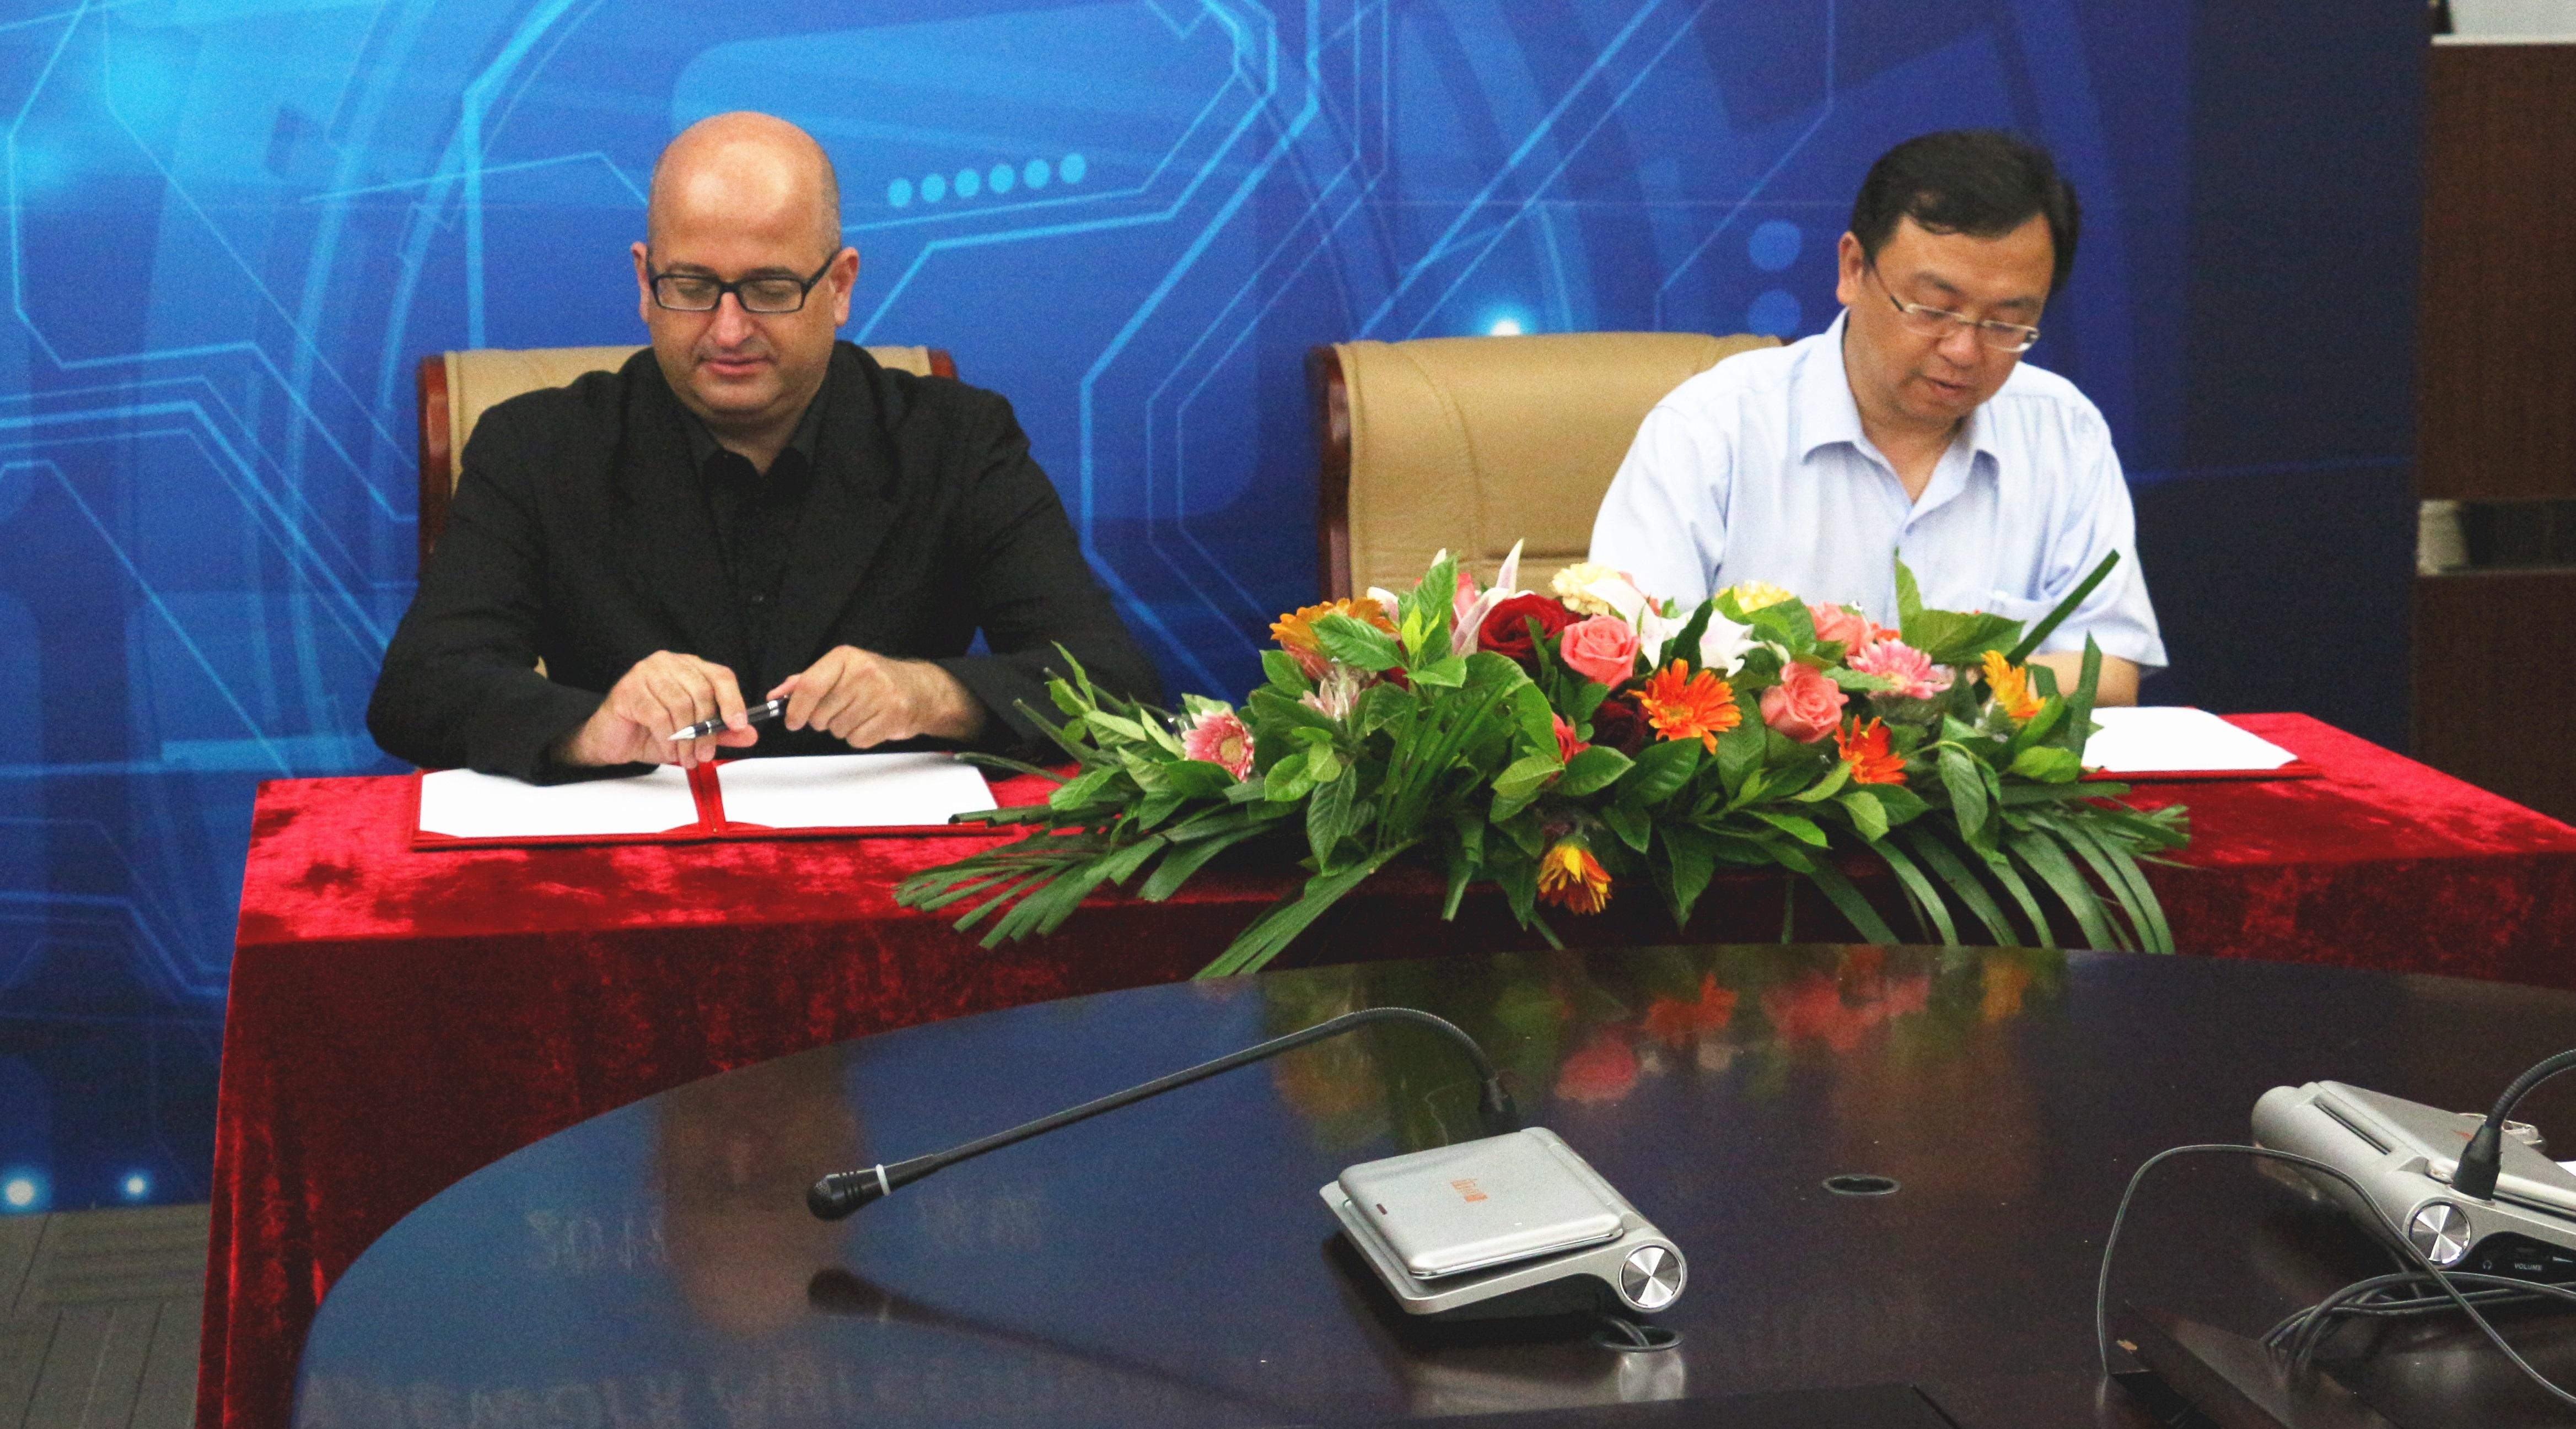 La firma dell'accordo tra Ernesto Ciorra, Direttore Innovazione e Sostenibilità di Enel e Wang Chuanfu, Fondatore e Presidente di BYD